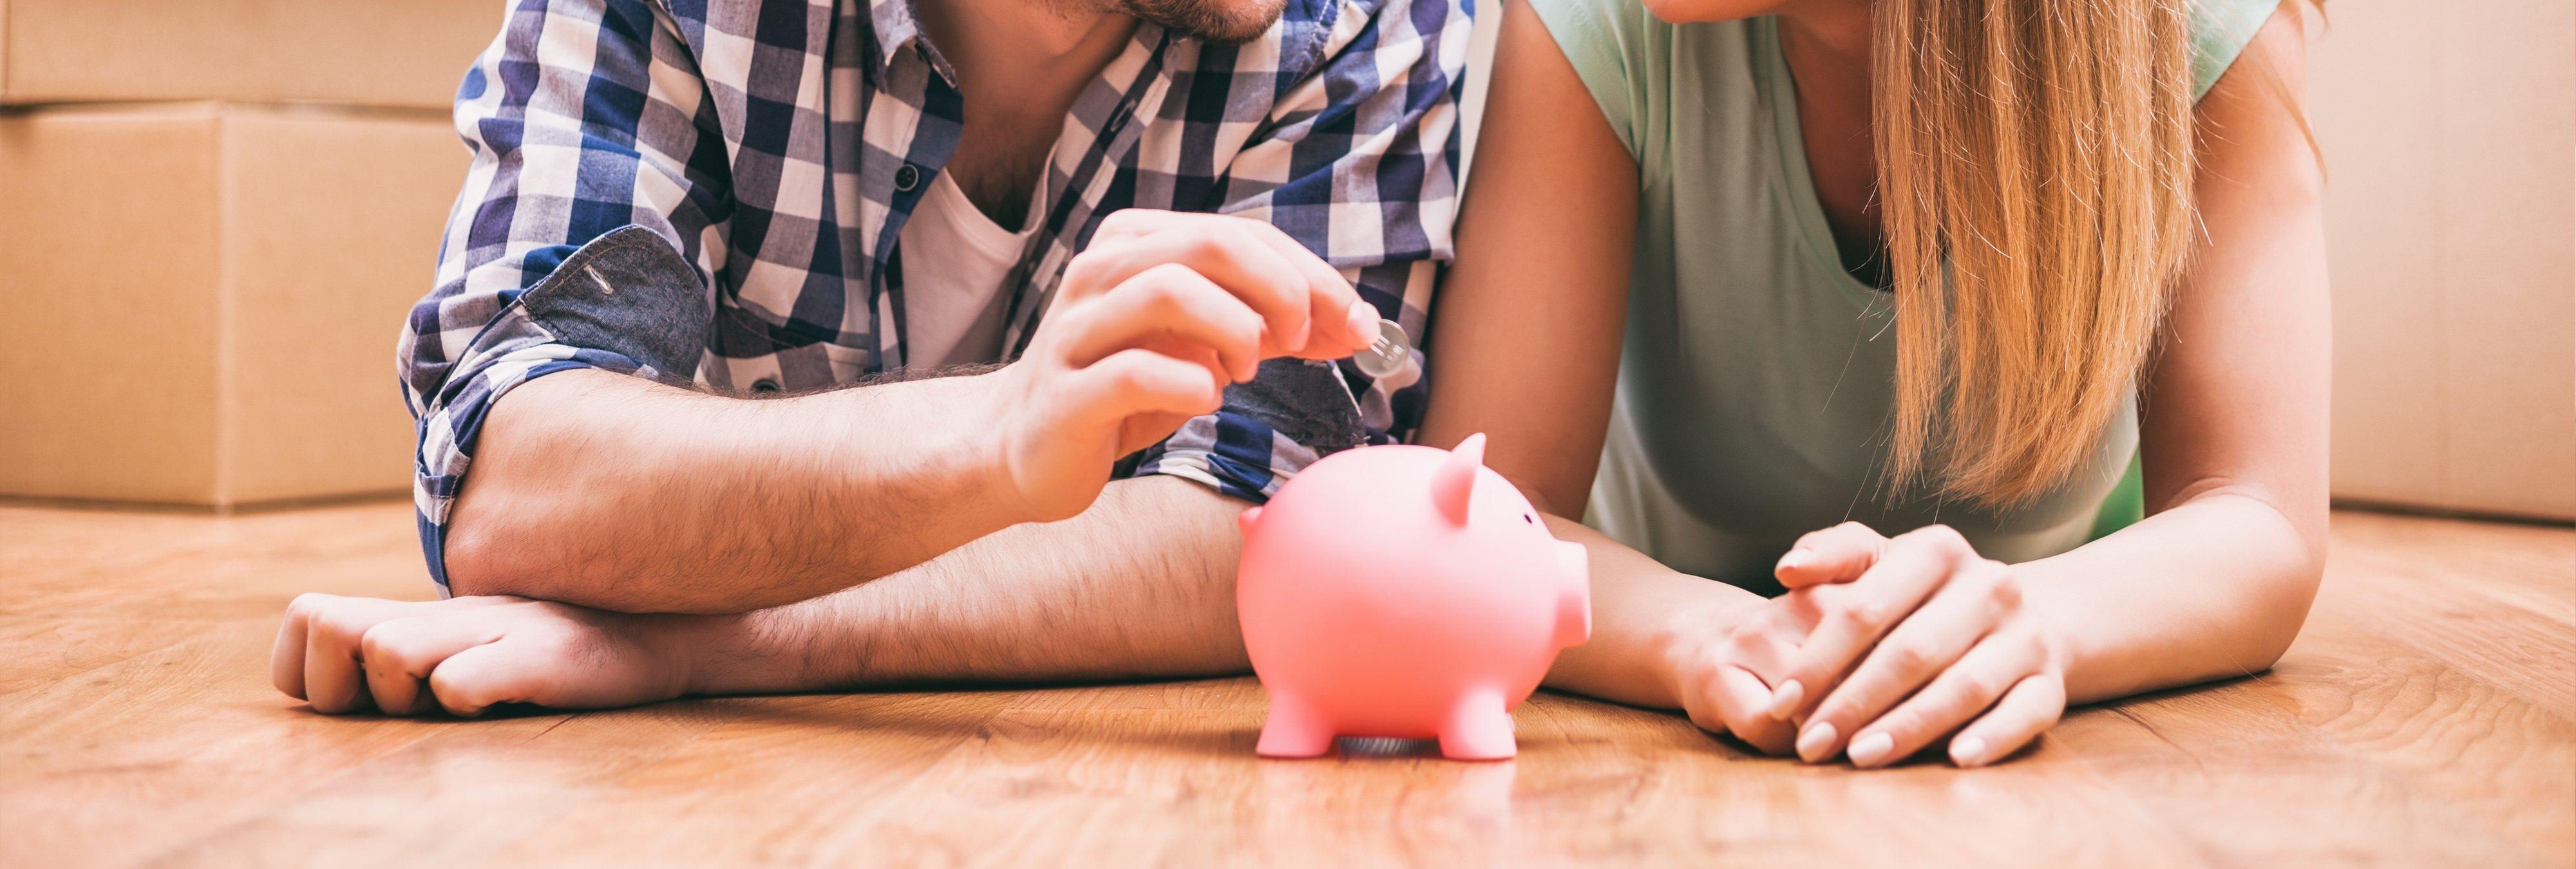 5 trucos para empezar a ahorrar ahora mismo y comenzar a amasar una pequeña fortuna